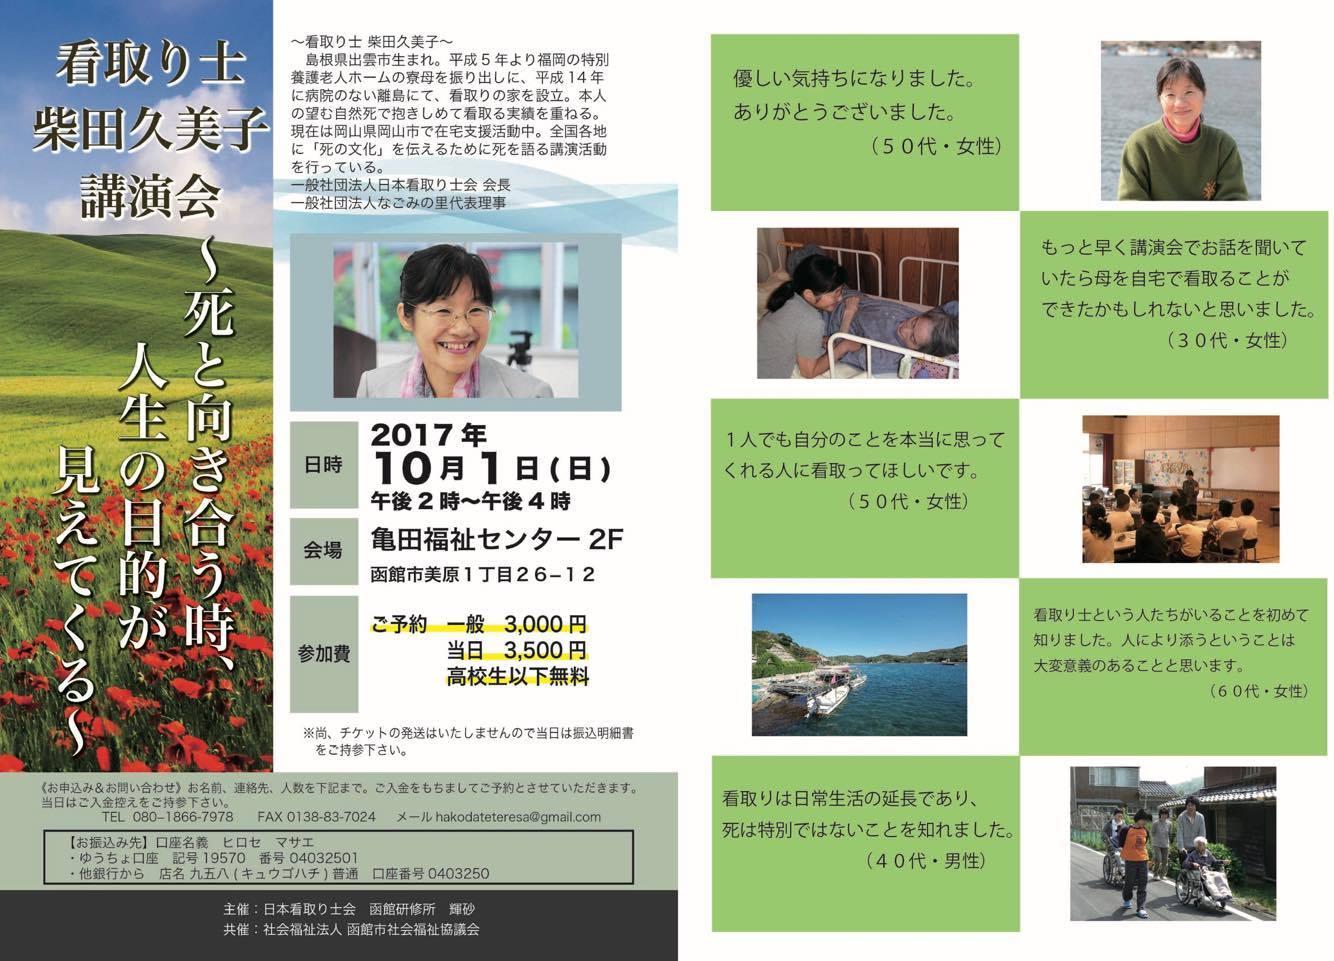 柴田久美子 函館講演会 死と向き合う時、人生の目的が見えてくる @ 亀田福祉センター | 函館市 | 北海道 | 日本